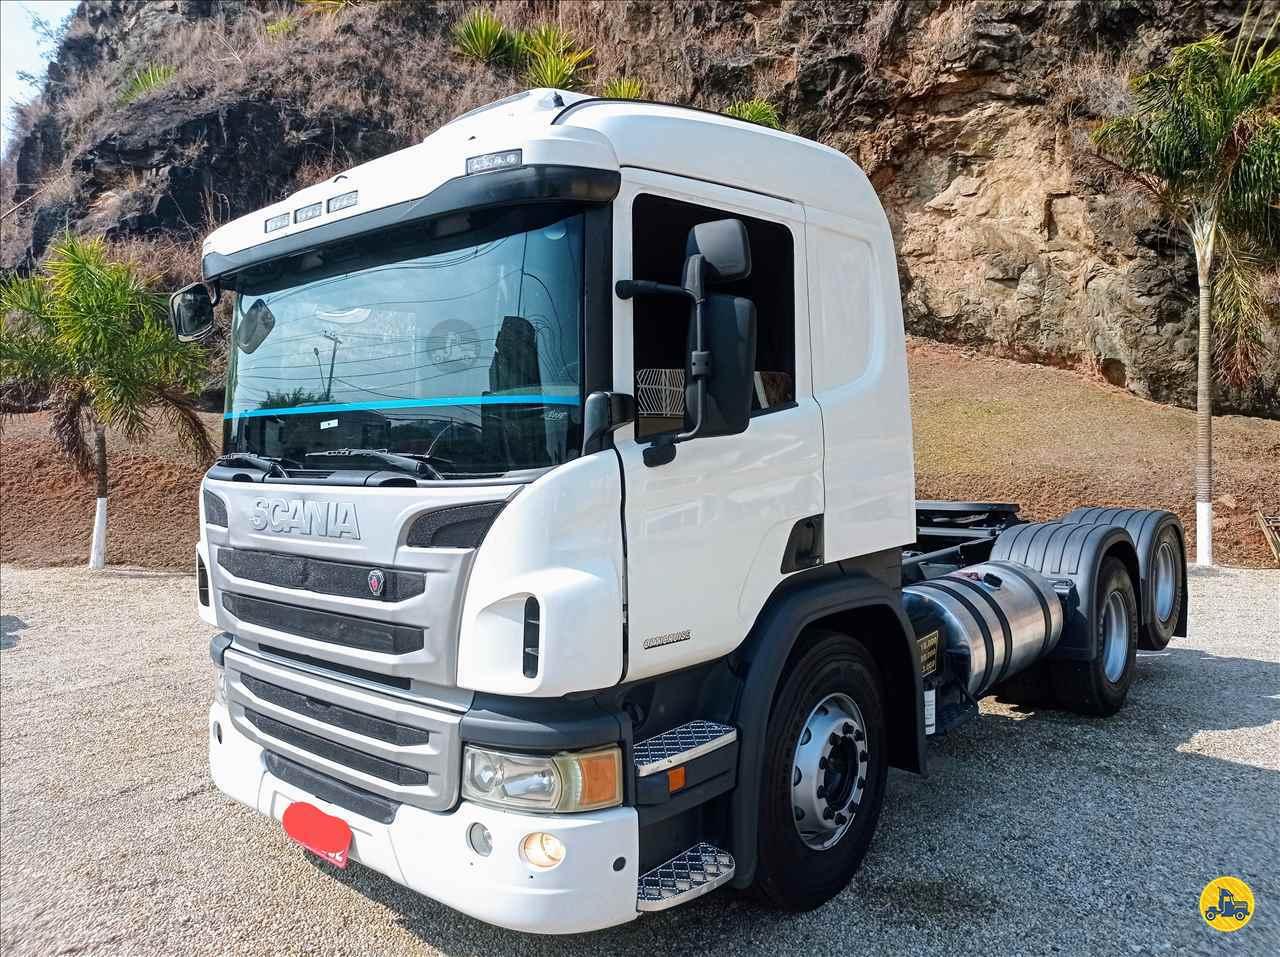 CAMINHAO SCANIA SCANIA P360 Cavalo Mecânico Truck 6x2 Fubá Caminhões ITAJUBA MINAS GERAIS MG